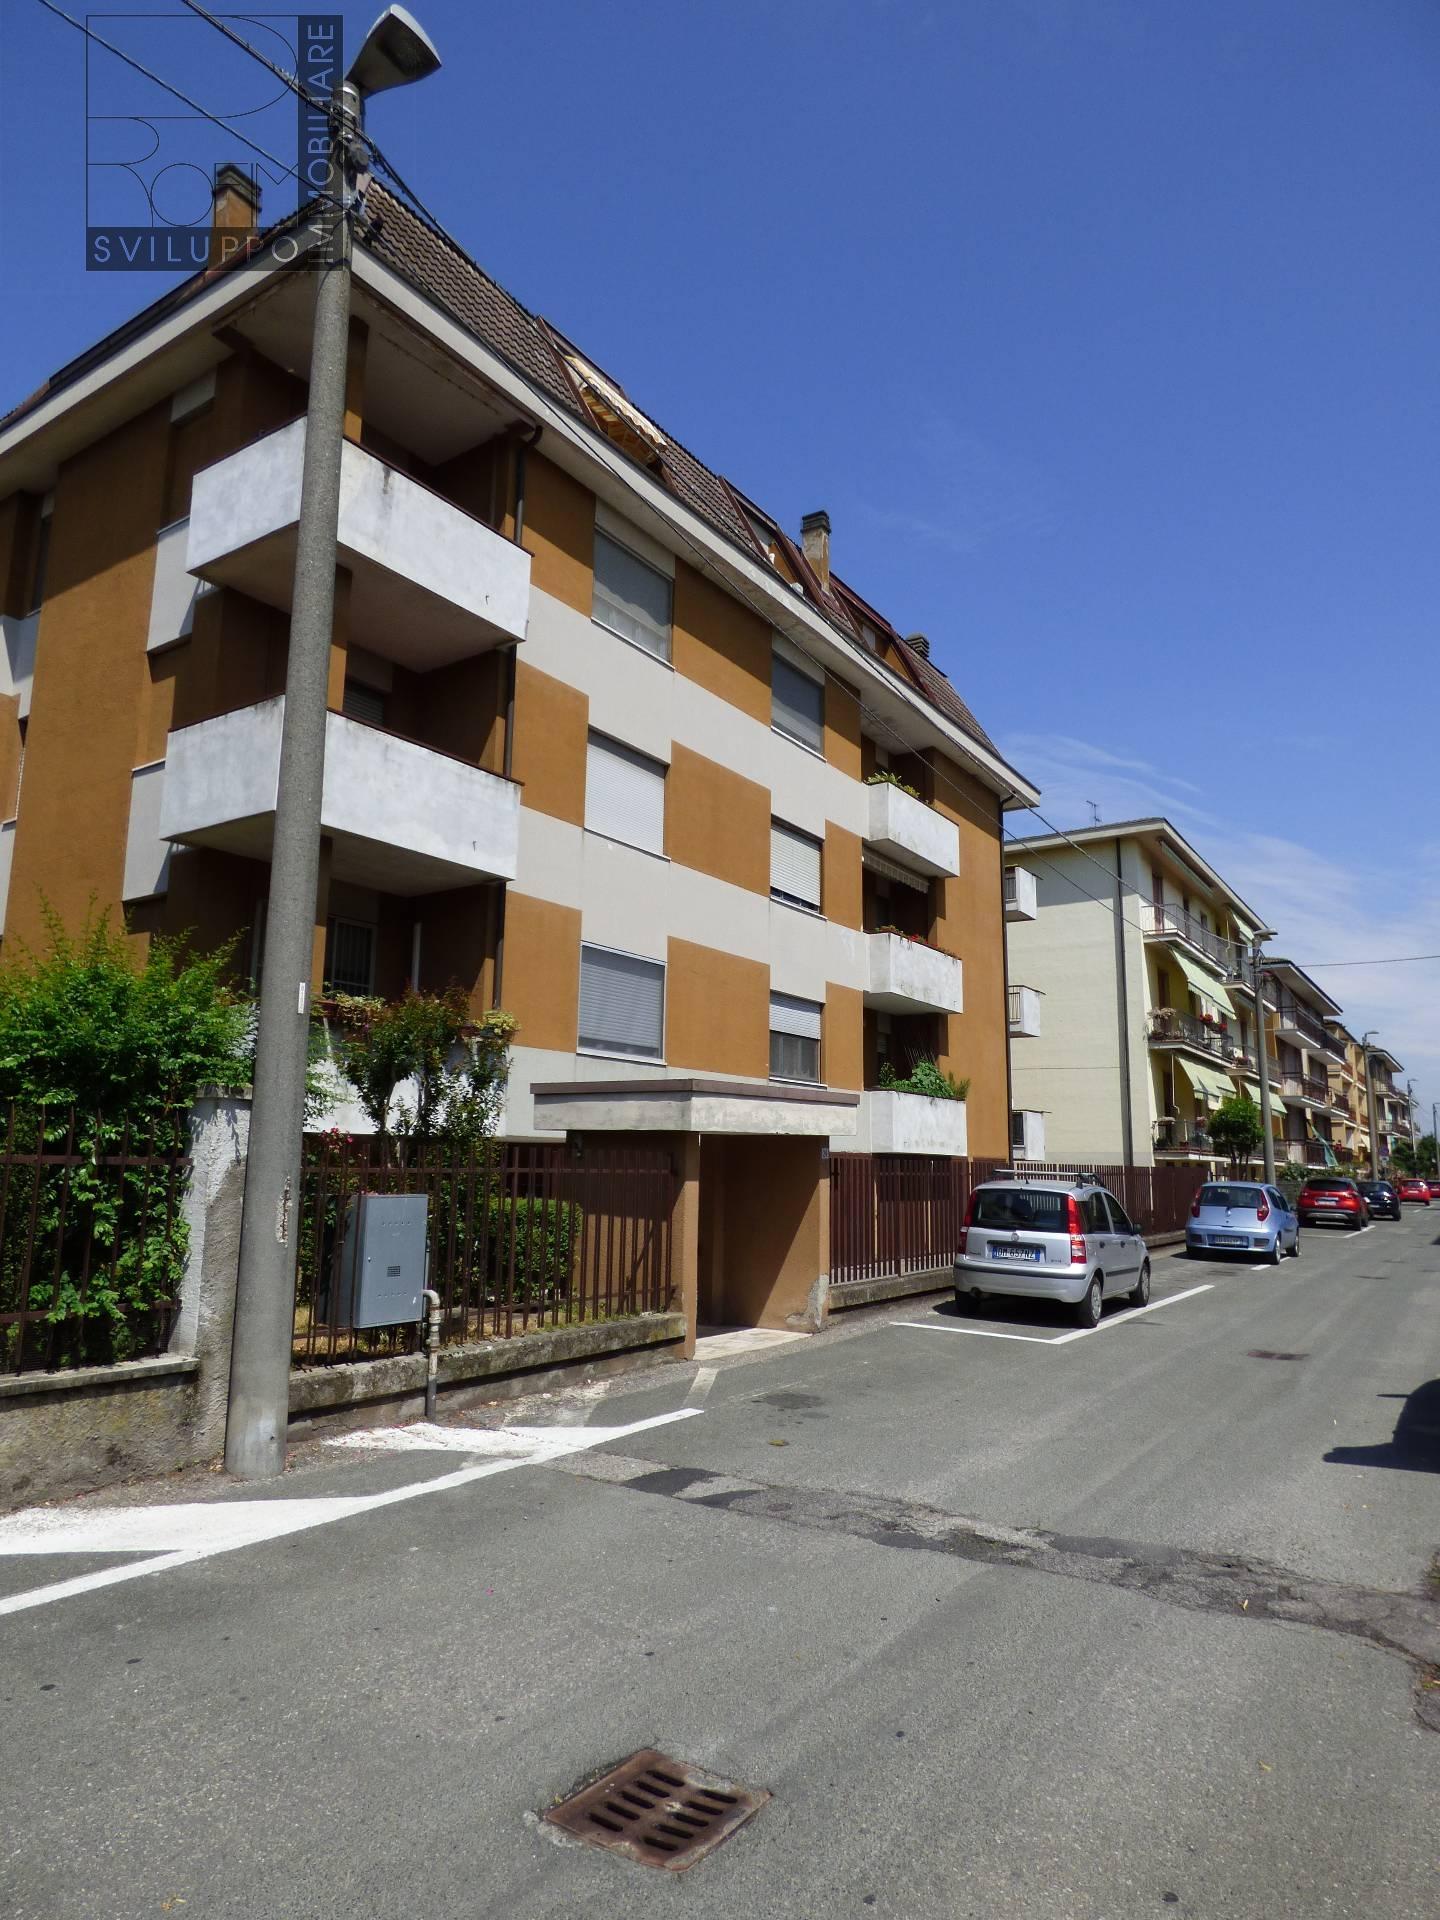 Casa spino d 39 adda appartamenti e case in vendita a spino for Mercatone dell arredamento spino d adda